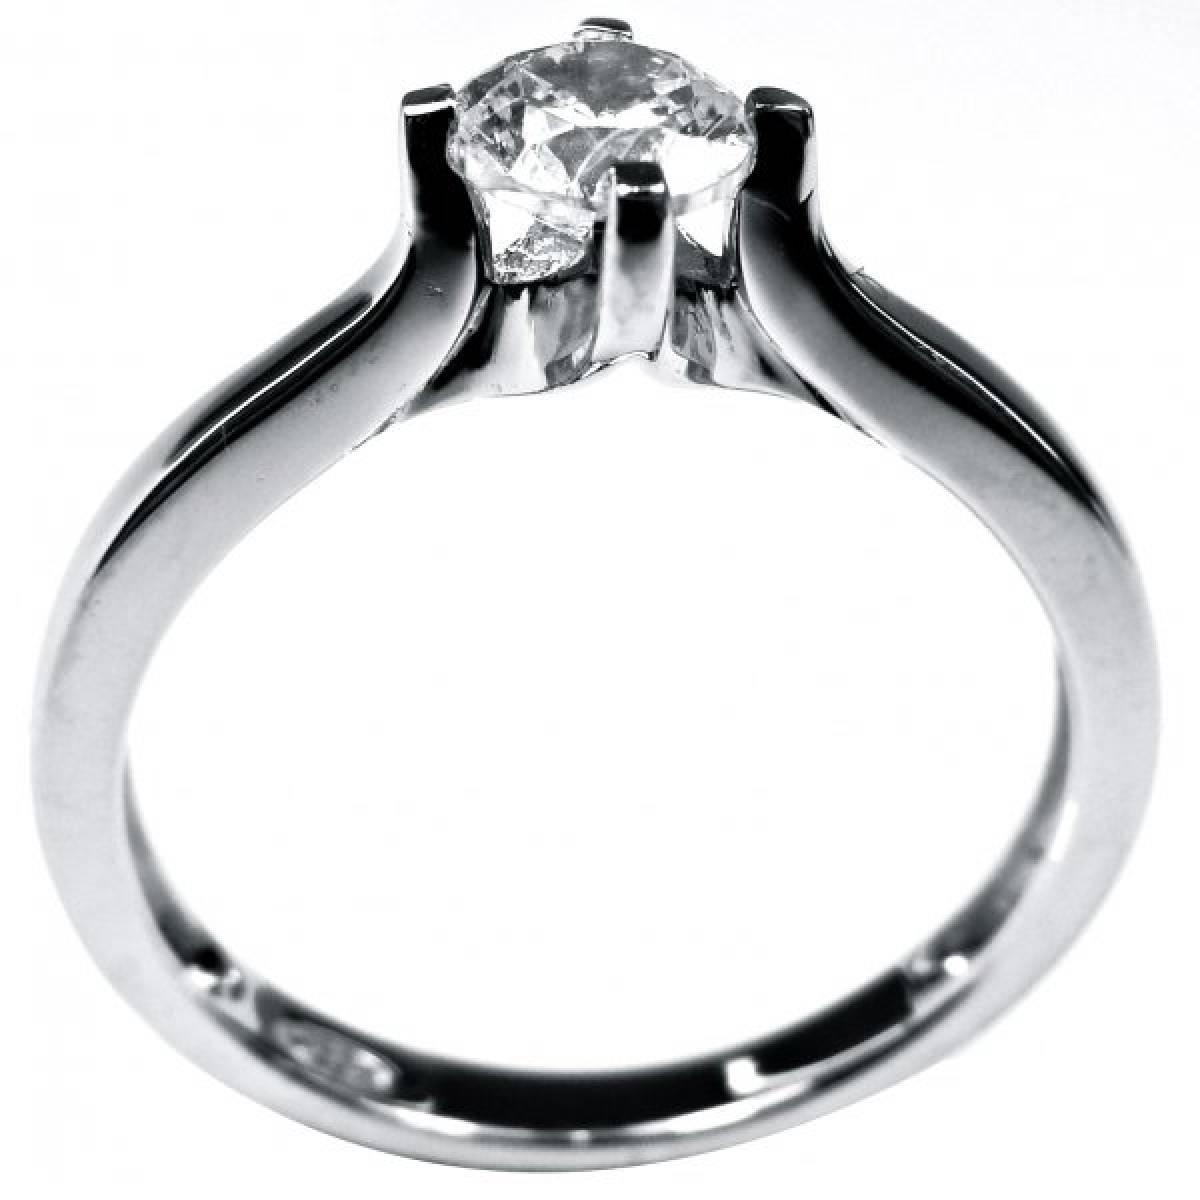 Anel de Noivado Solitário Ouro Branco com 1 diamante de 0,40 cts,